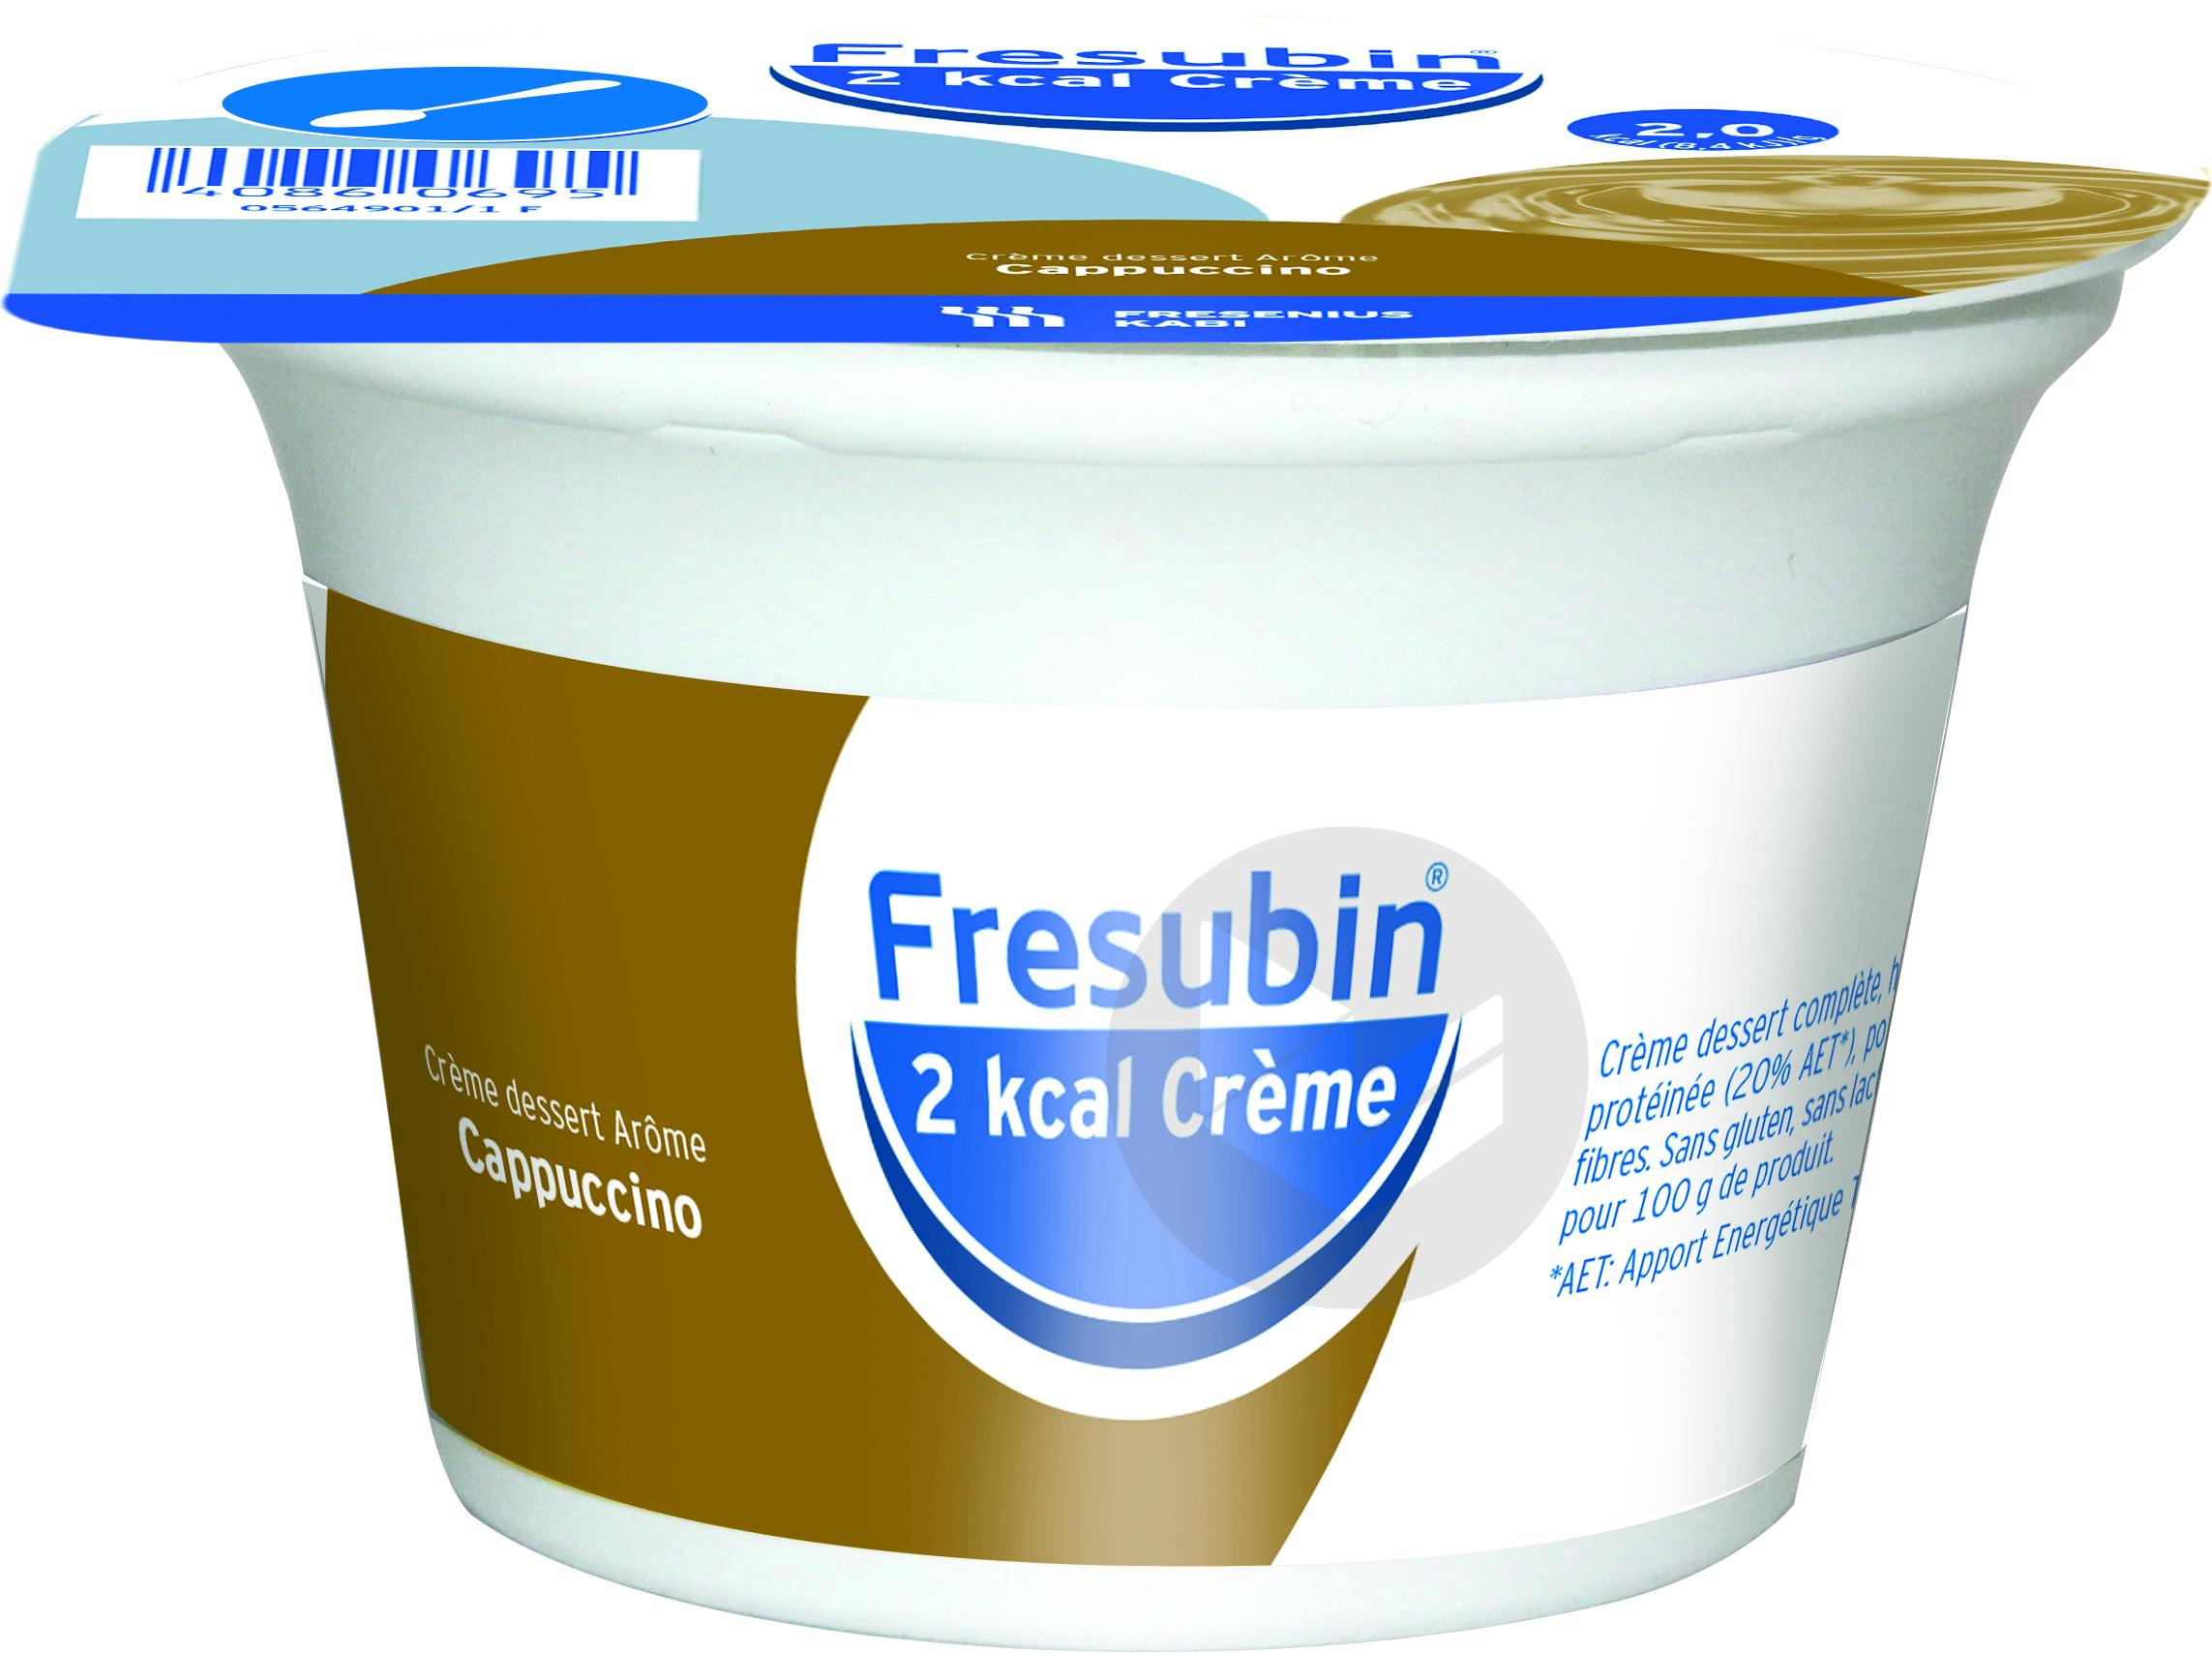 Fresubin 2 Kcal Creme Sans Lactose Nutriment Praline 4 Pots 200 G